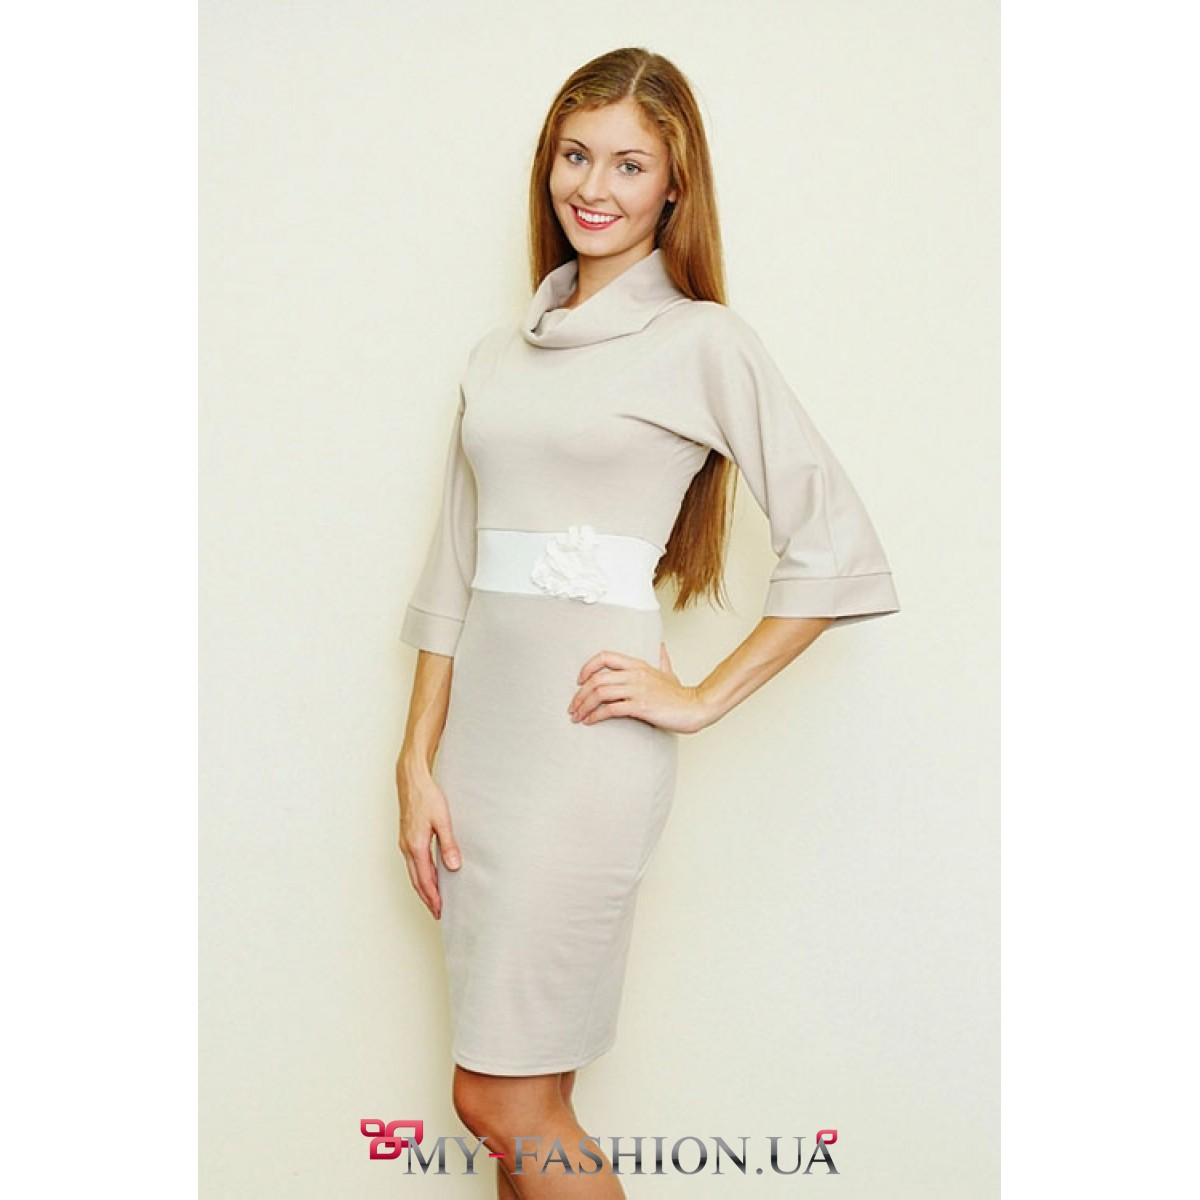 Блузки с расклешенными рукавами доставка